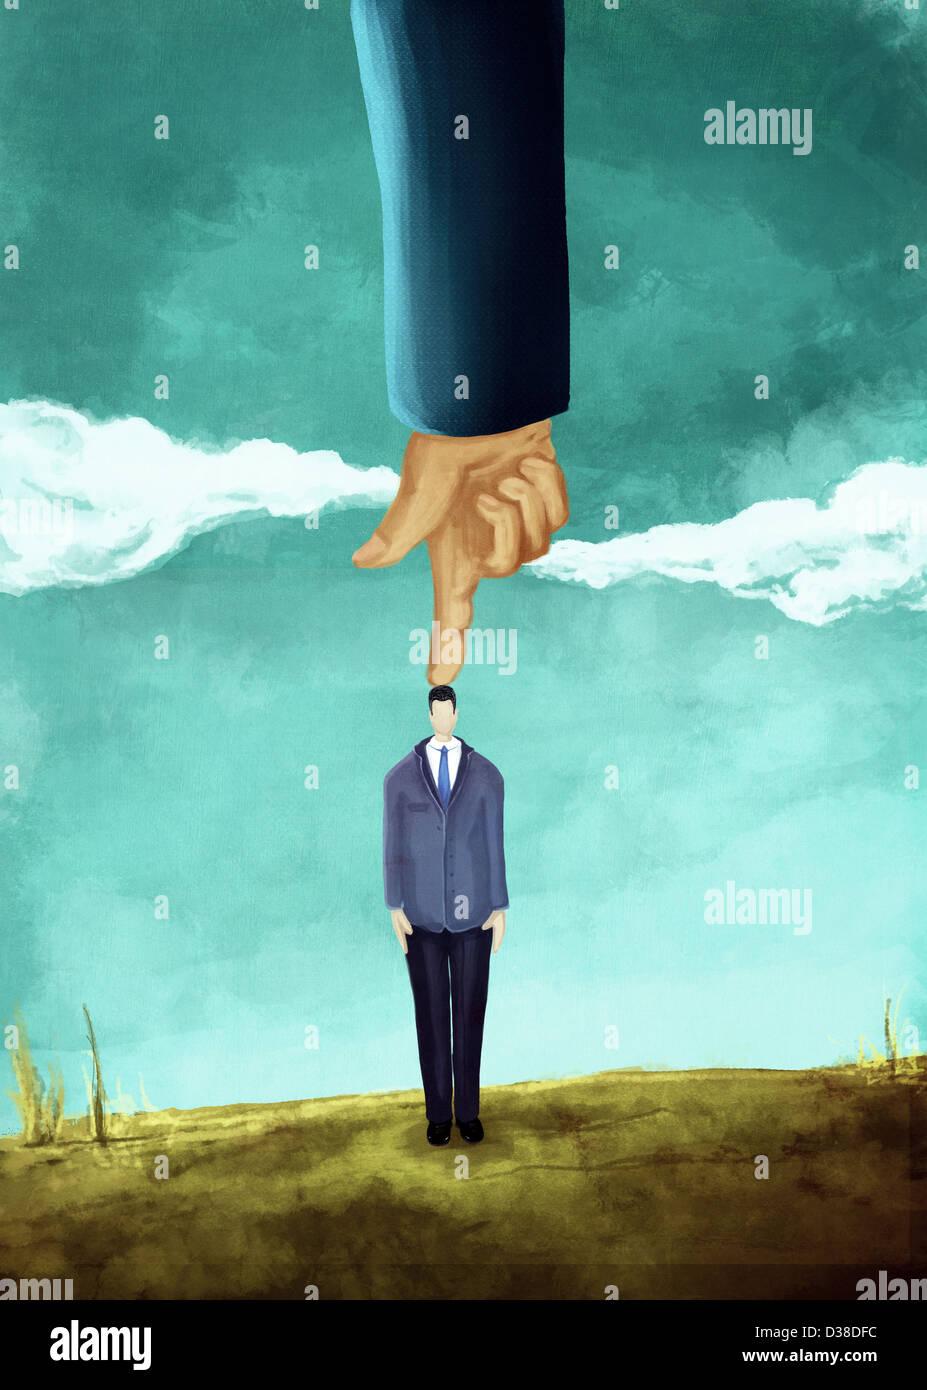 Immagine illustrativa di puntamento a mano su imprenditore il testa rappresenta il dominio Immagini Stock